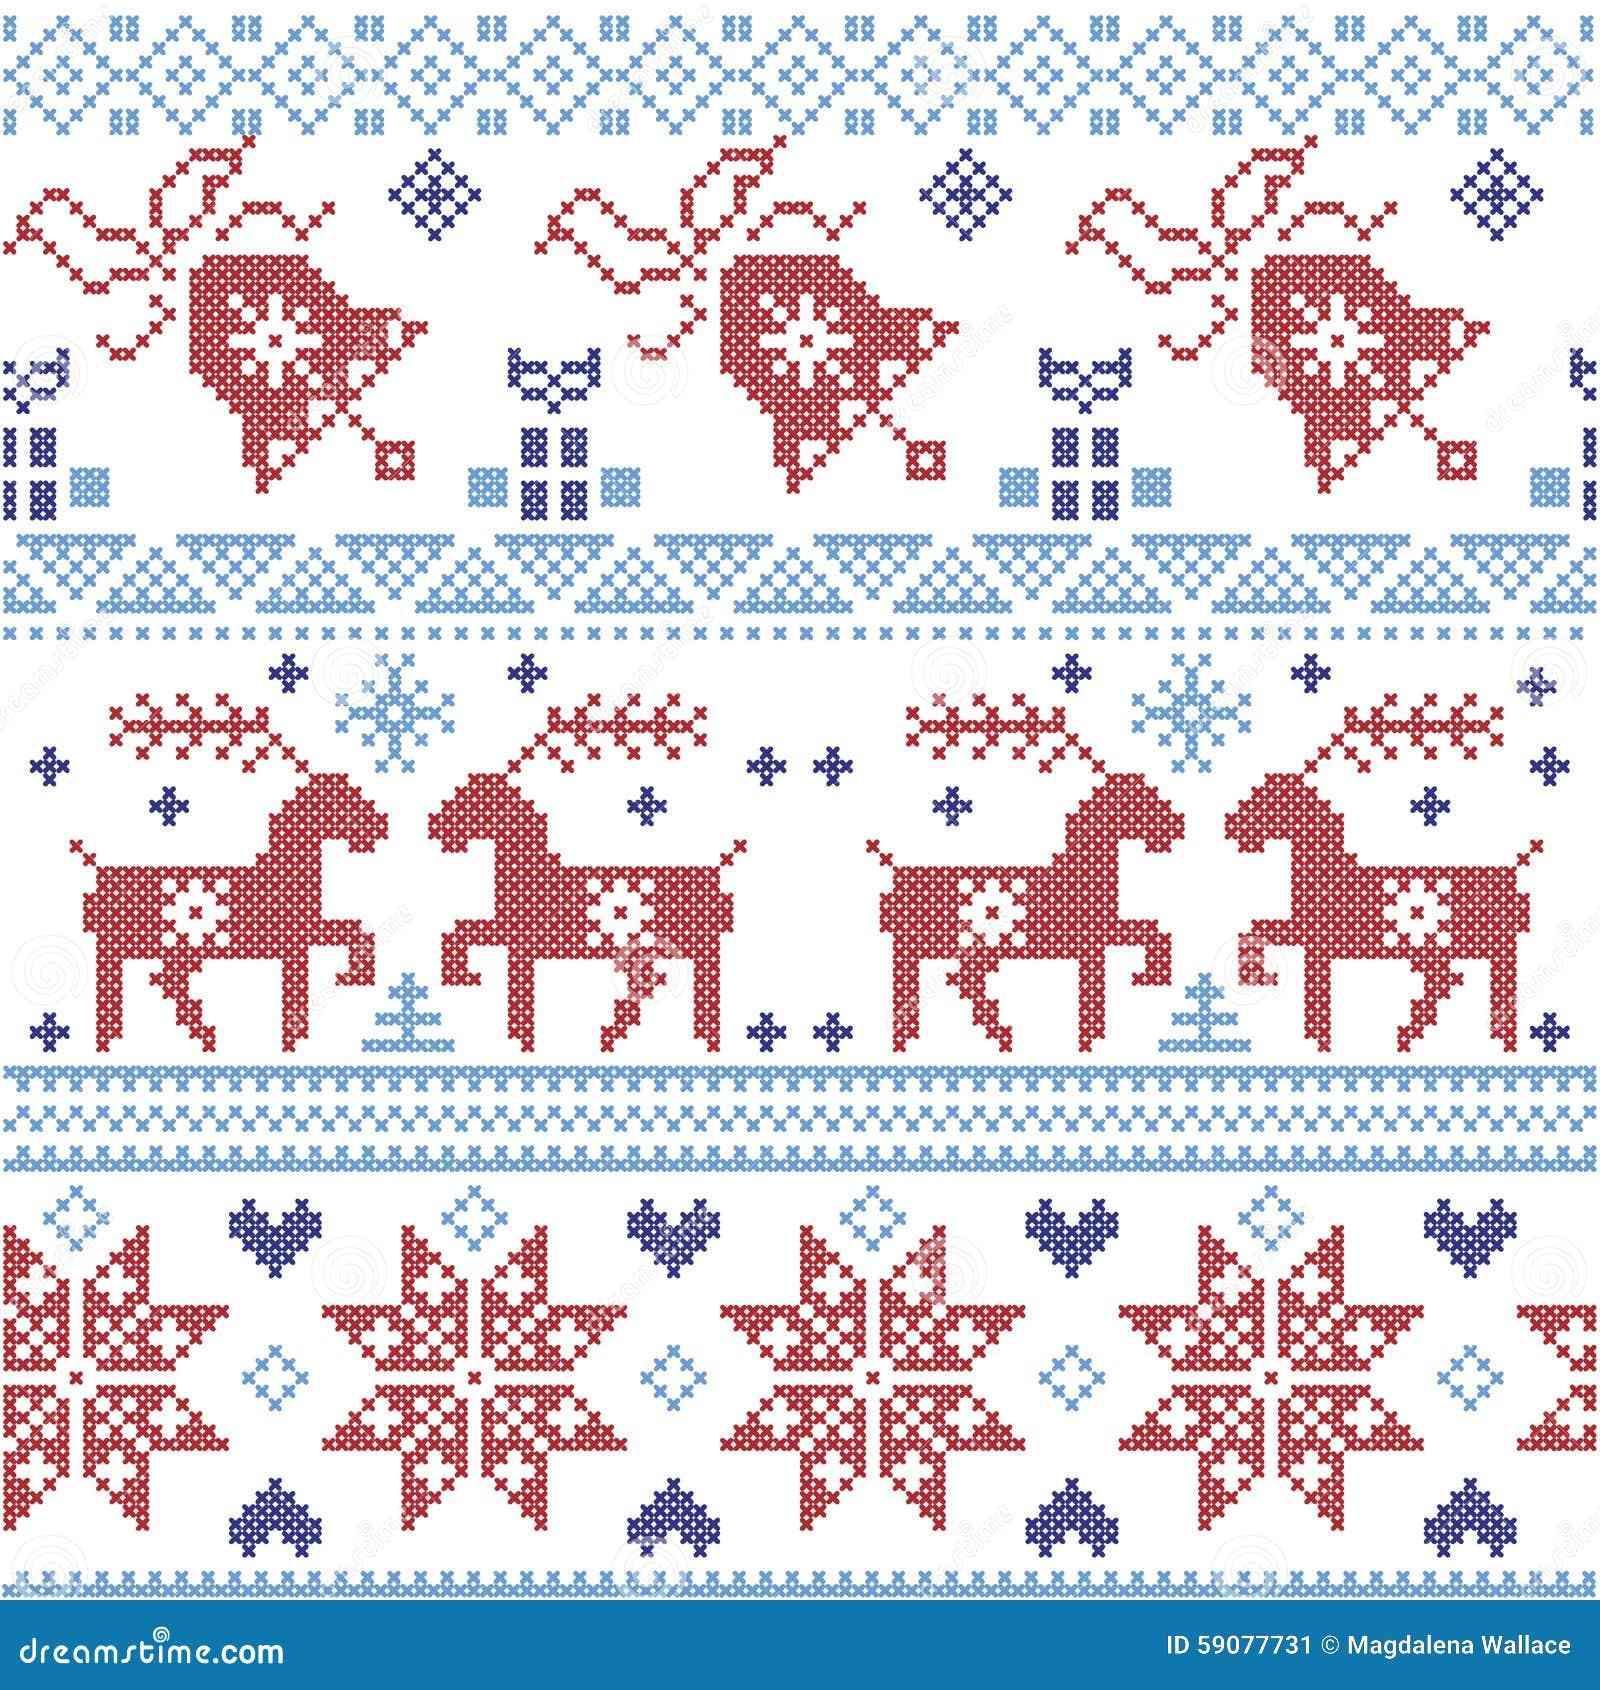 Christmas Cross Stitch Patterns Unique Ideas